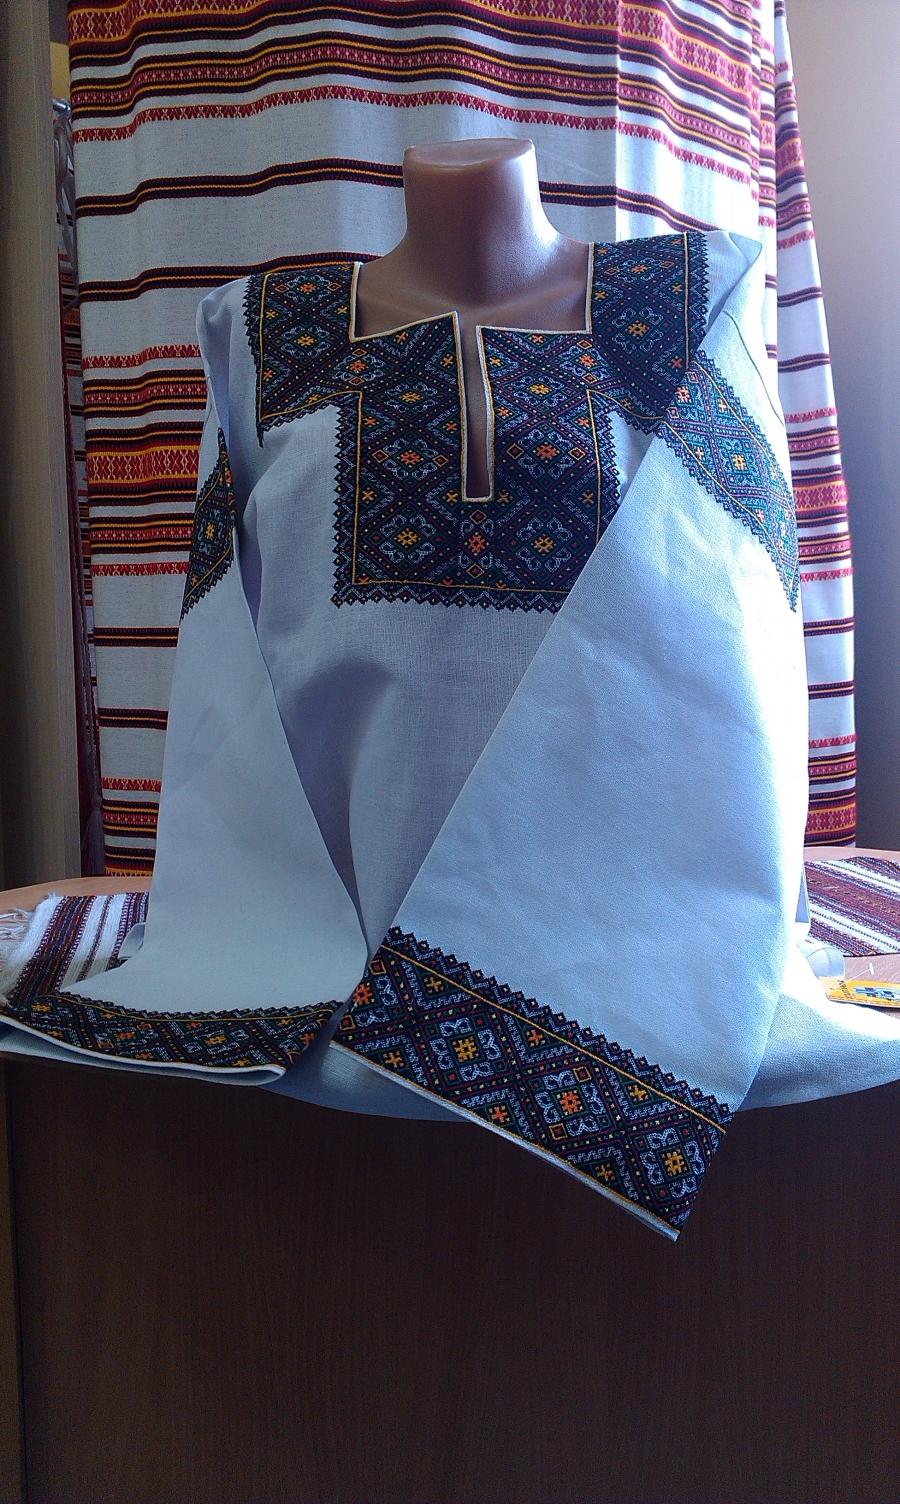 блузка низинка кантівка. ціна  6000 грн. Ручна вишивка. Жіночий одяг ... 0a84ec0a60c6f